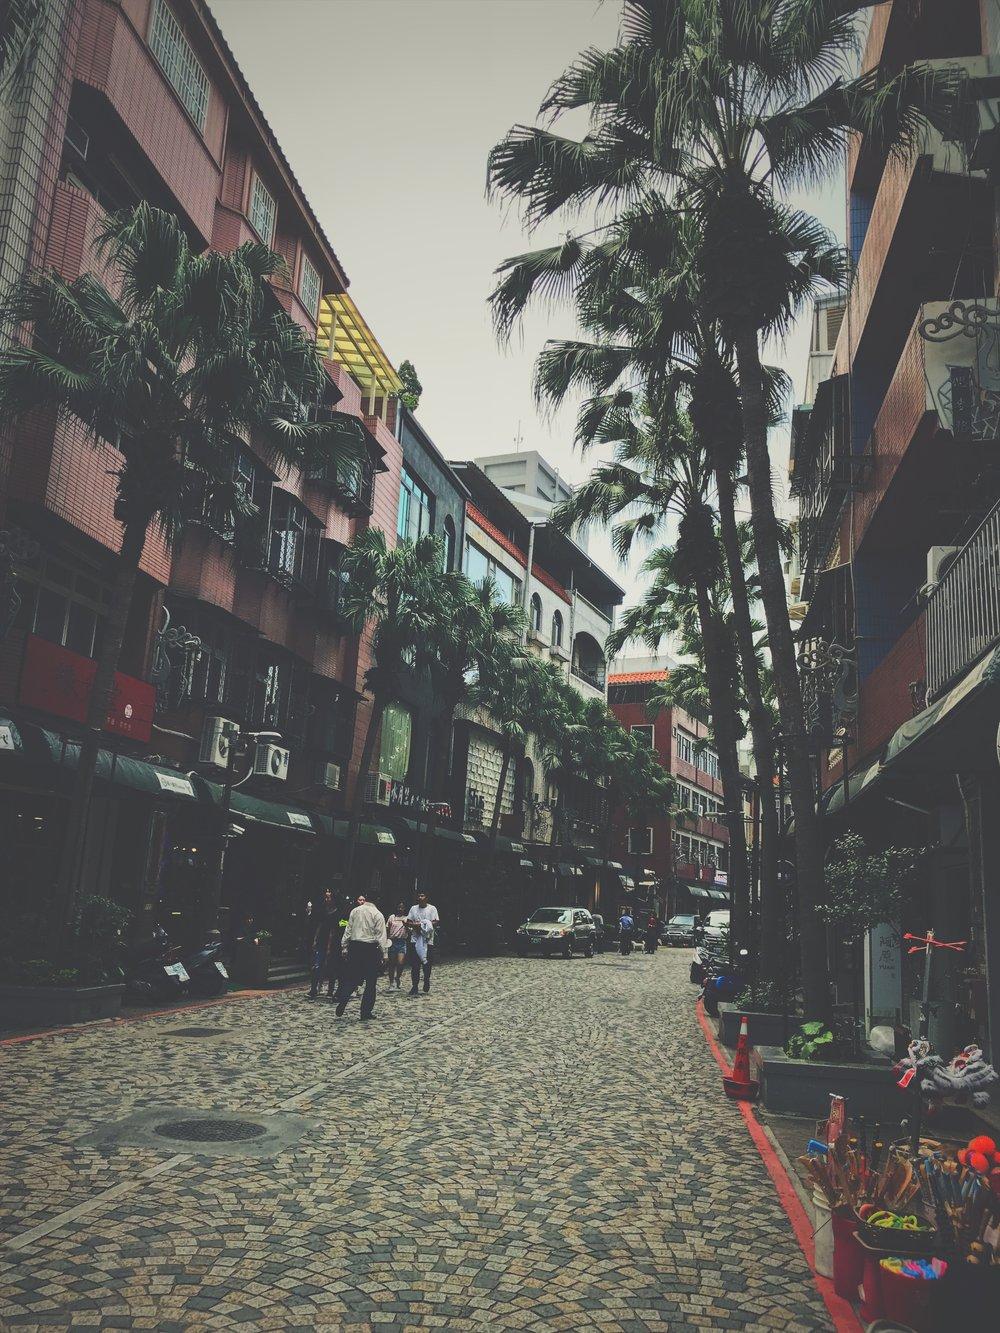 Yingge Ceramics Street